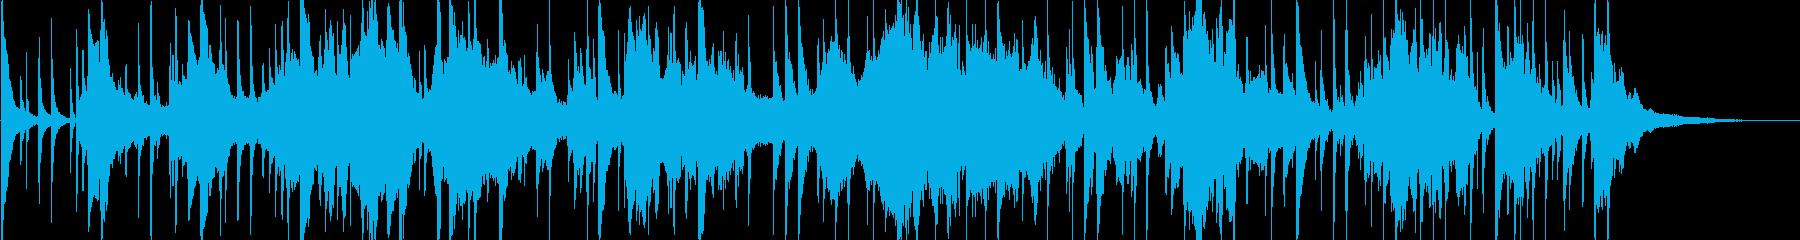 アラビア風の雰囲気のBGM1の再生済みの波形